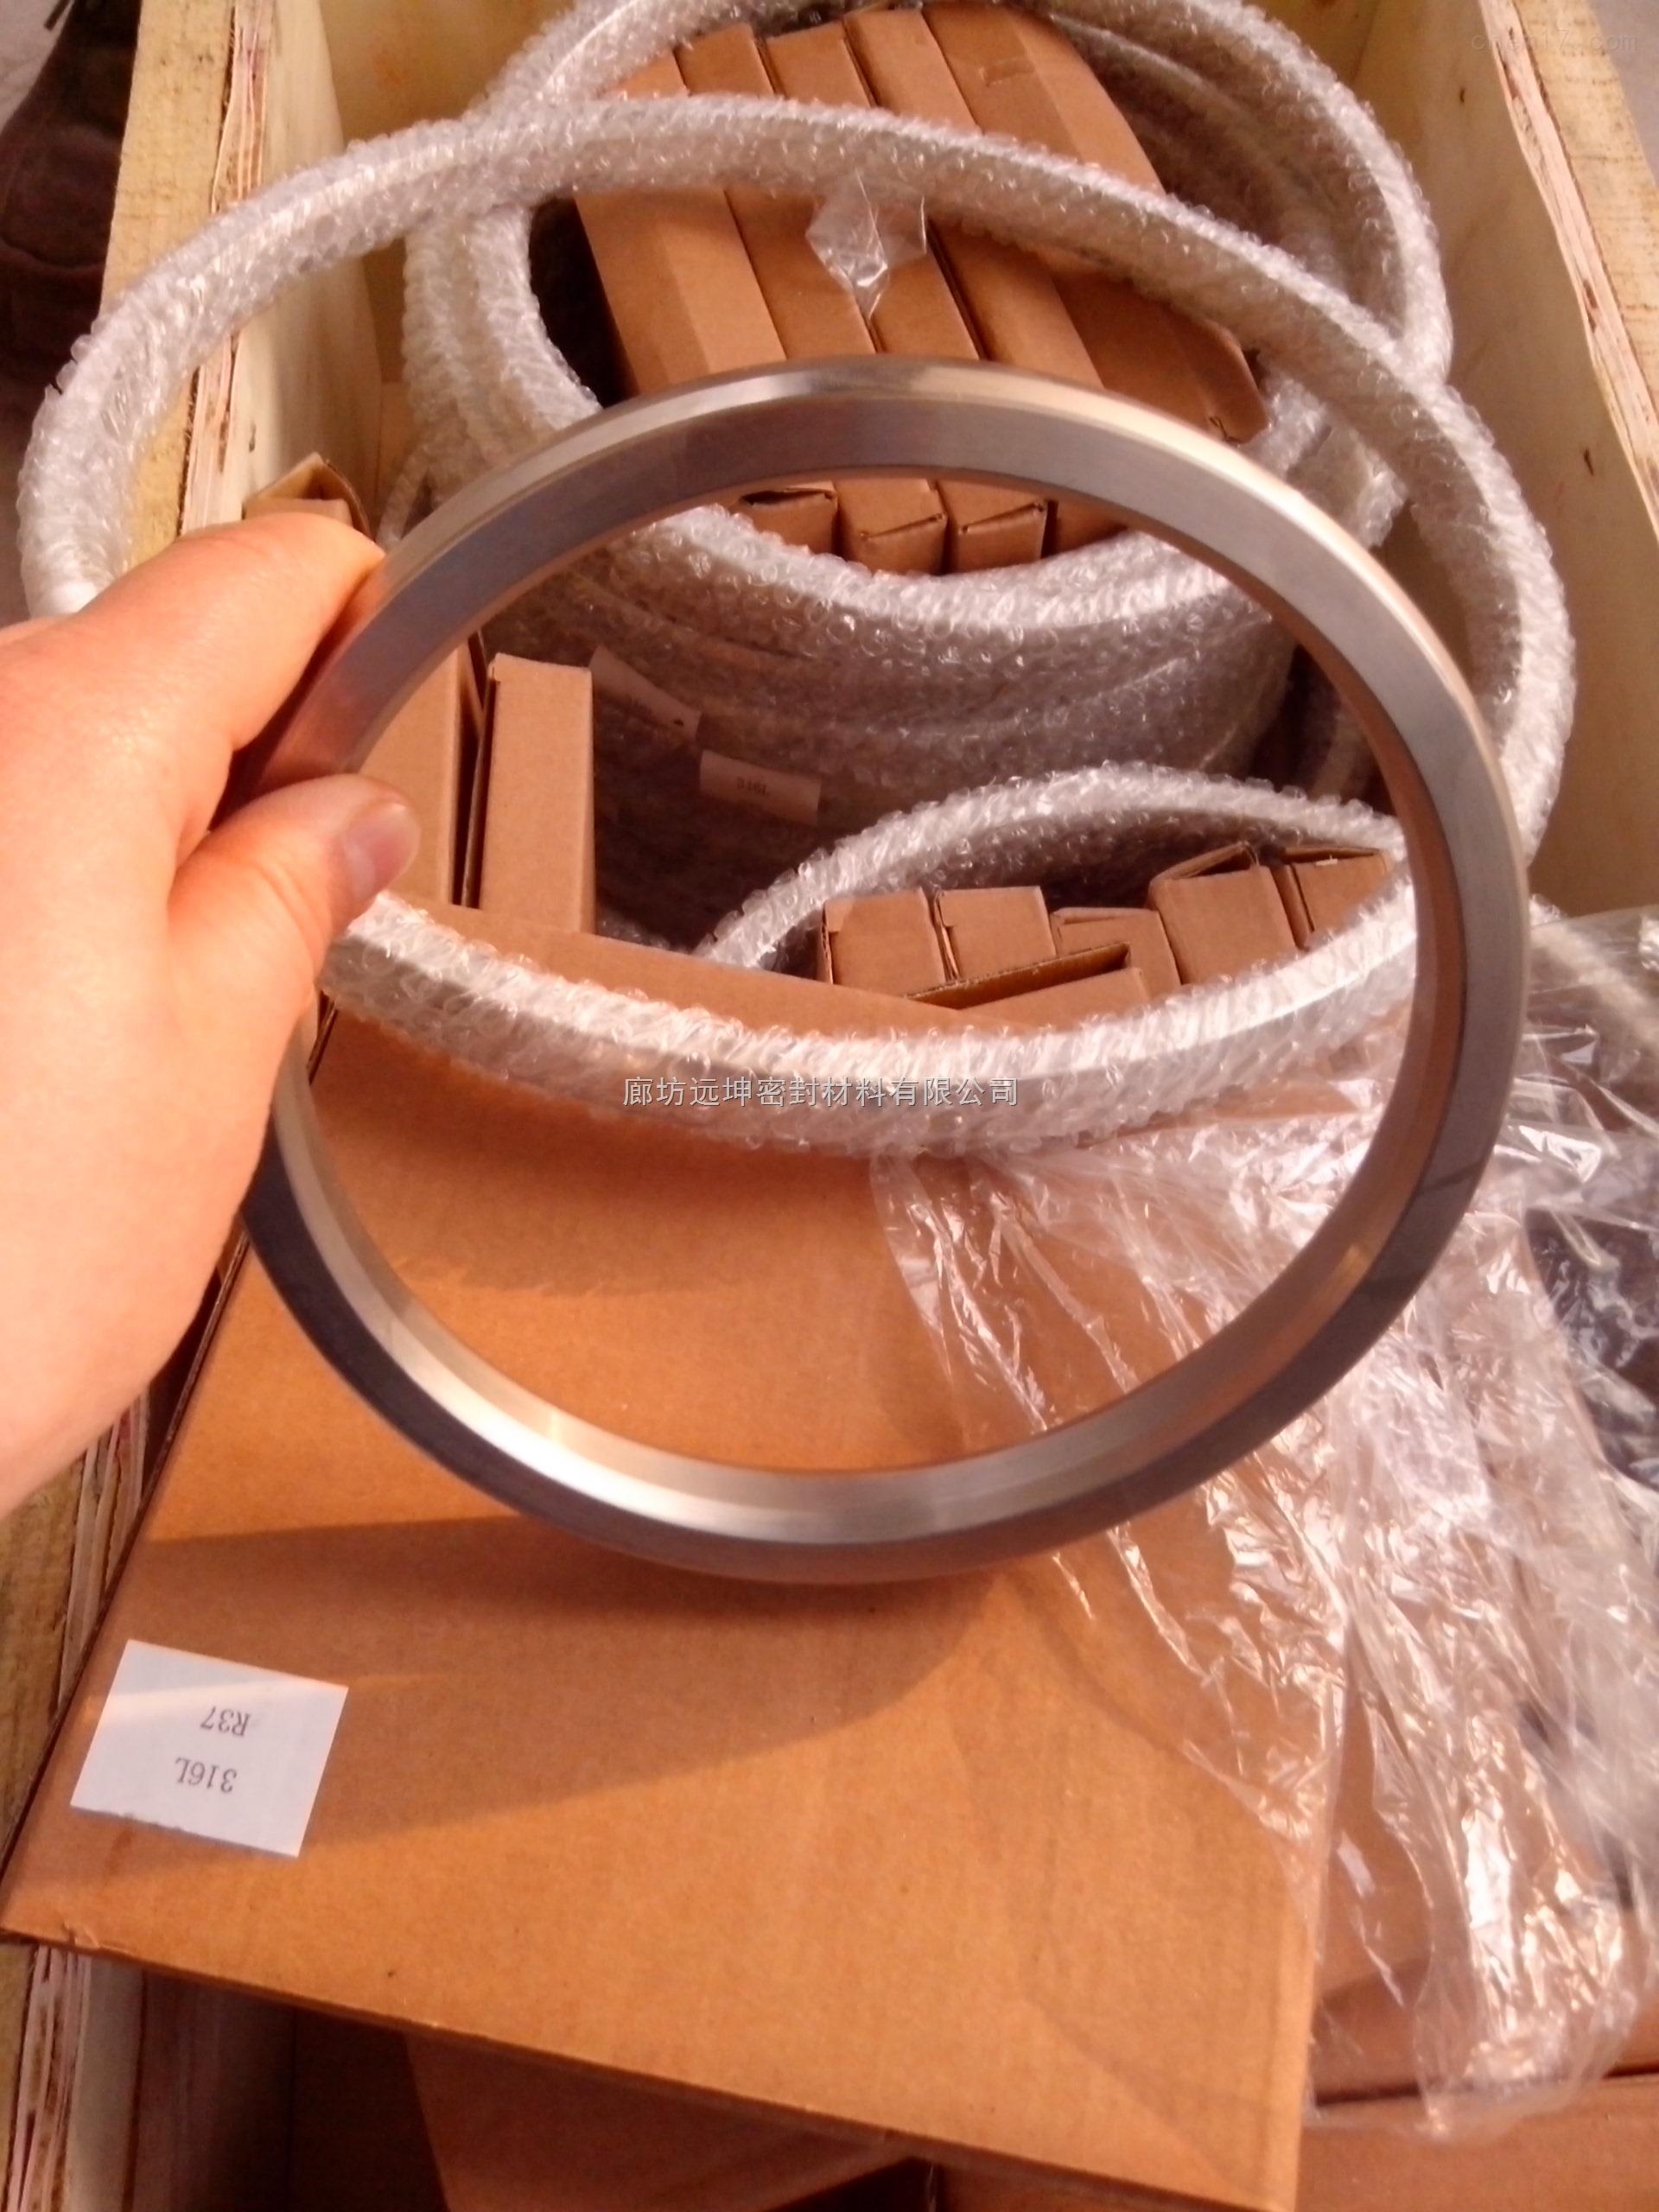 椭圆形金属环垫   八角形金属环垫   RX 金属环垫